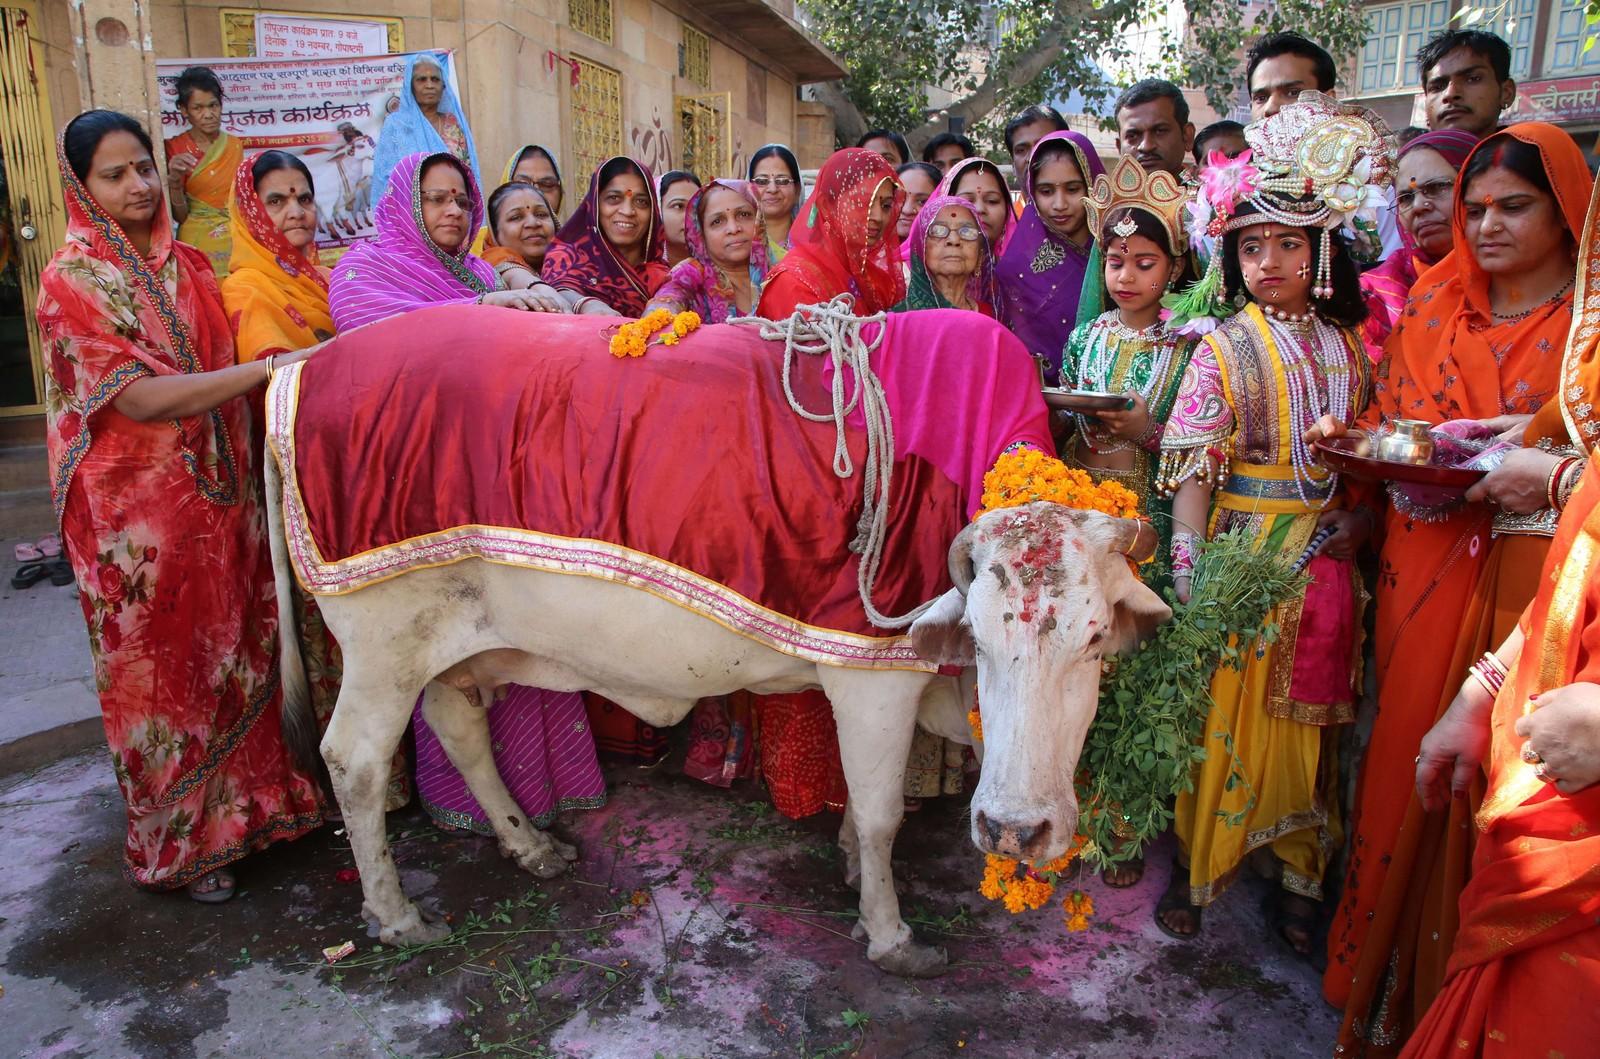 Indiske hinduer utkledd som gudene Krishna (tredje f.v.) og Radha (fjerde f.h.) markerer Gho Puja - ofring av ku. Det hele er en del av Gopal Ashtami - feiringen av da Krishna fikk lov å gjete kuer for første gang av sin forster Nanda.